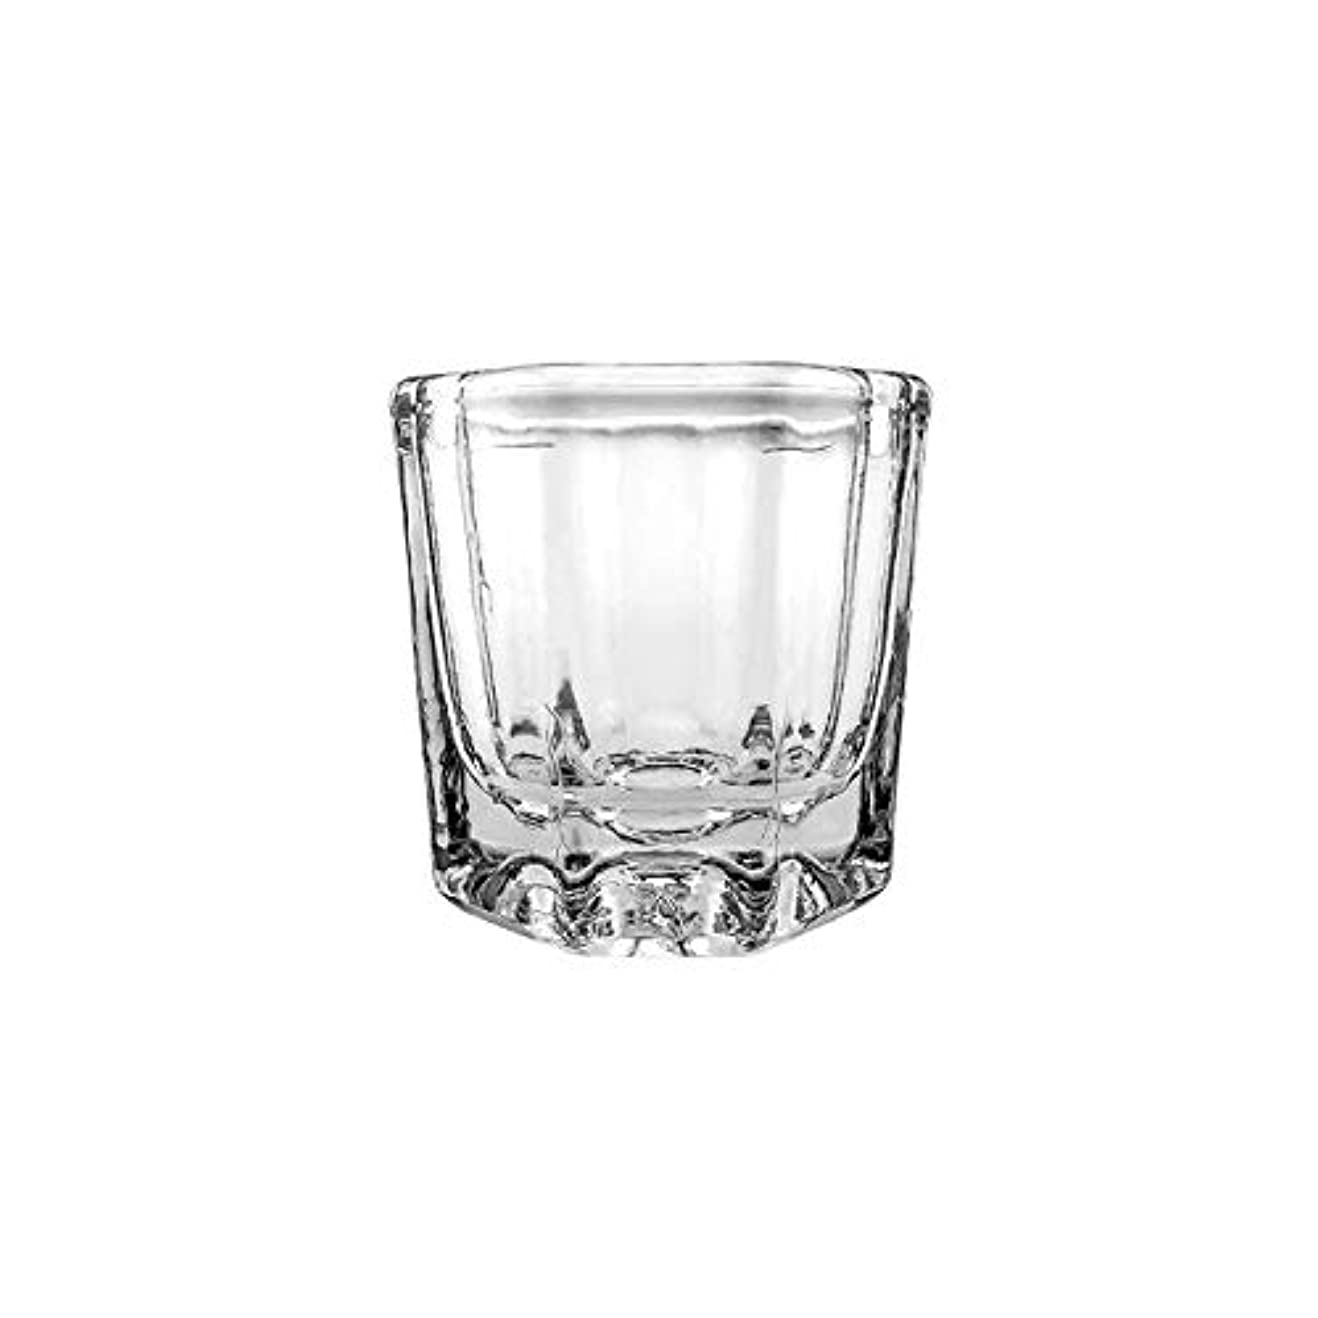 男やもめ不忠基礎LALONA ダッペンディッシュ (ガラス製) (耐溶剤) ジェルネイル スカルプチュア ブラシの洗浄に